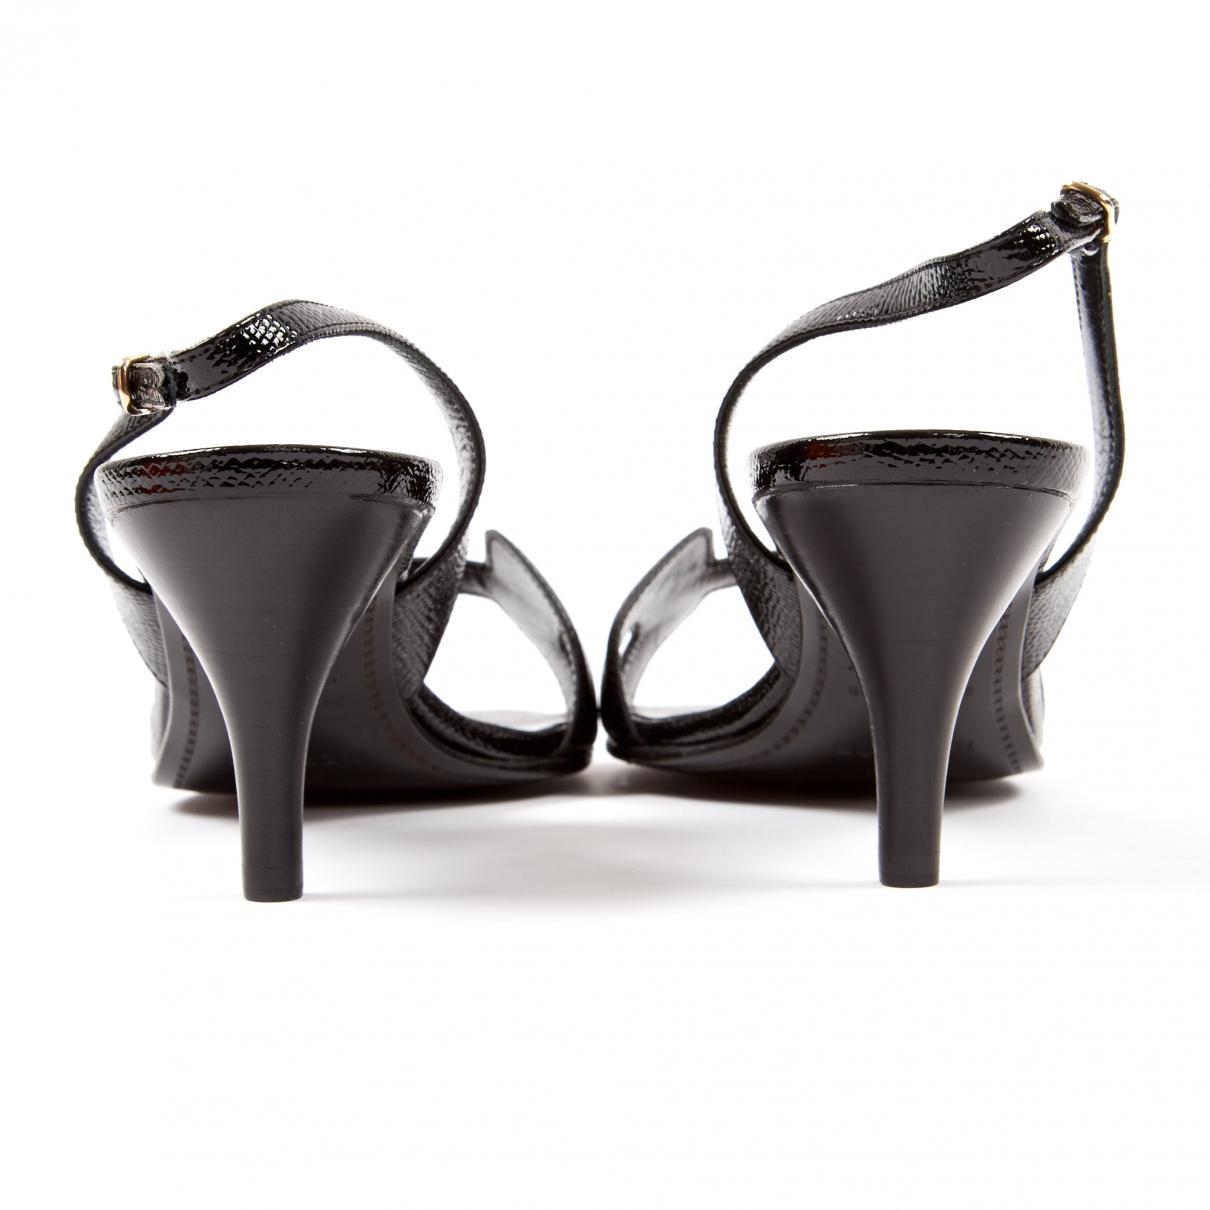 Tacones de Charol Hermès de Cuero de color Negro